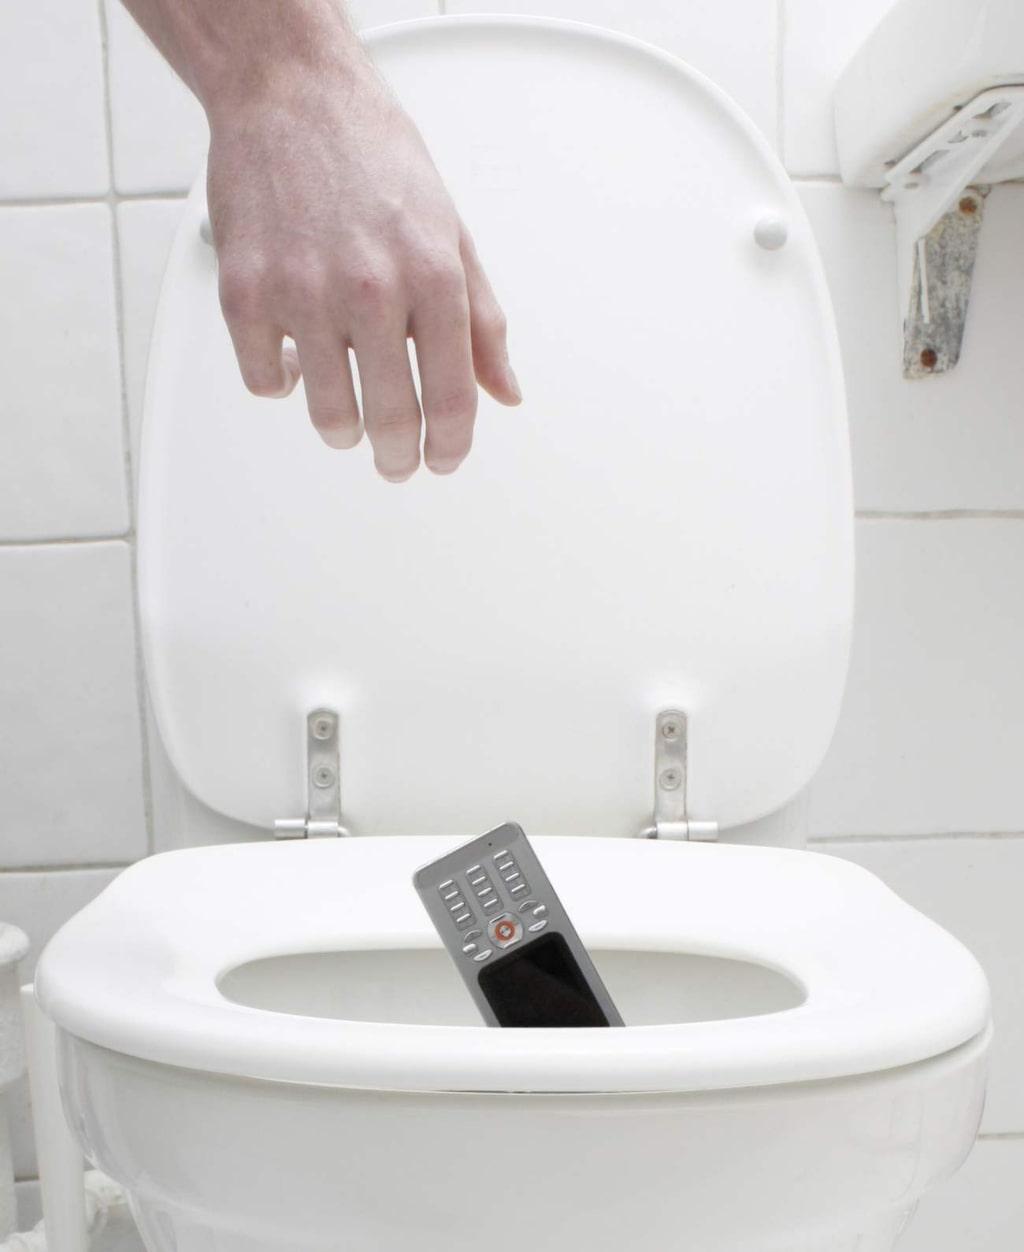 Enligt Trygghansa tappar hundratals personer sin mobiltelefon i toaletten varje år.